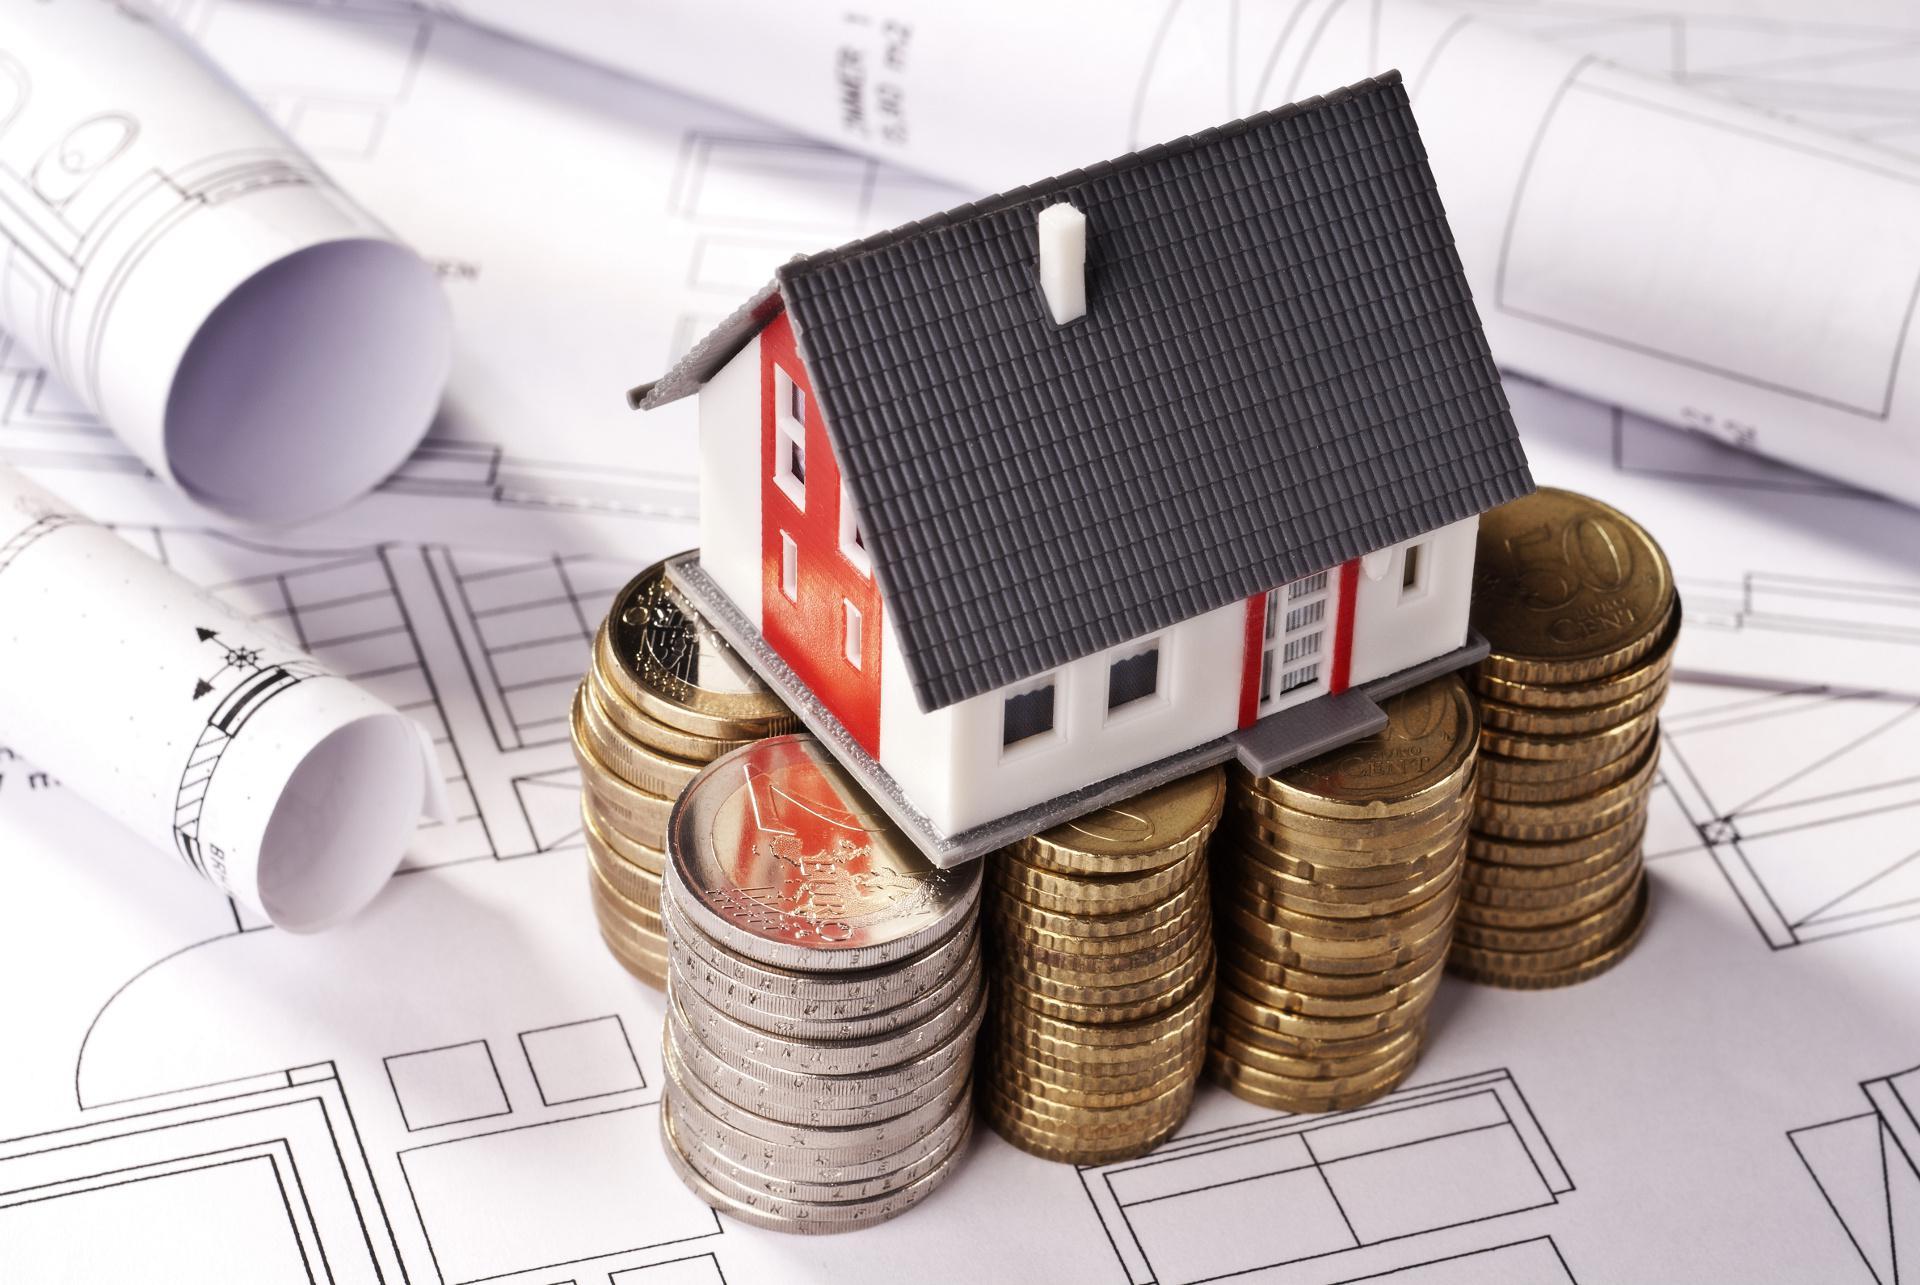 La sentencia que podría cambiar la forma de pagar impuestos al comprar o heredar una casa